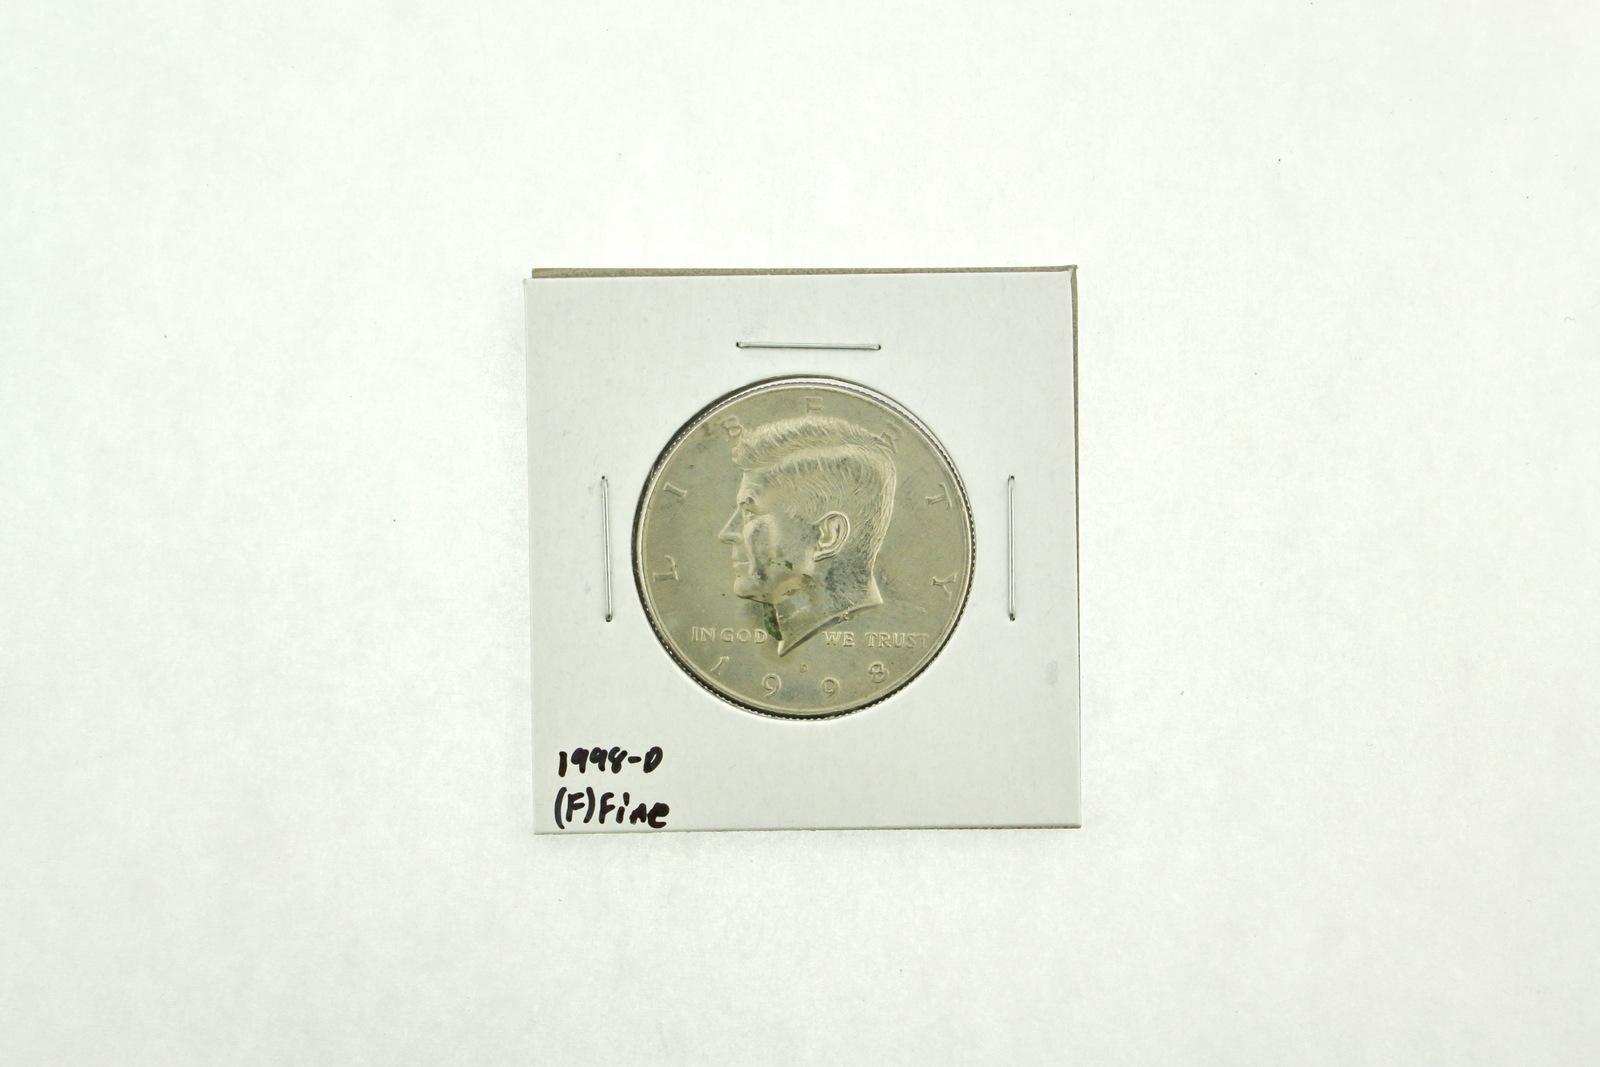 1998-D Kennedy Half Dollar (F) Fine N2-3973-3